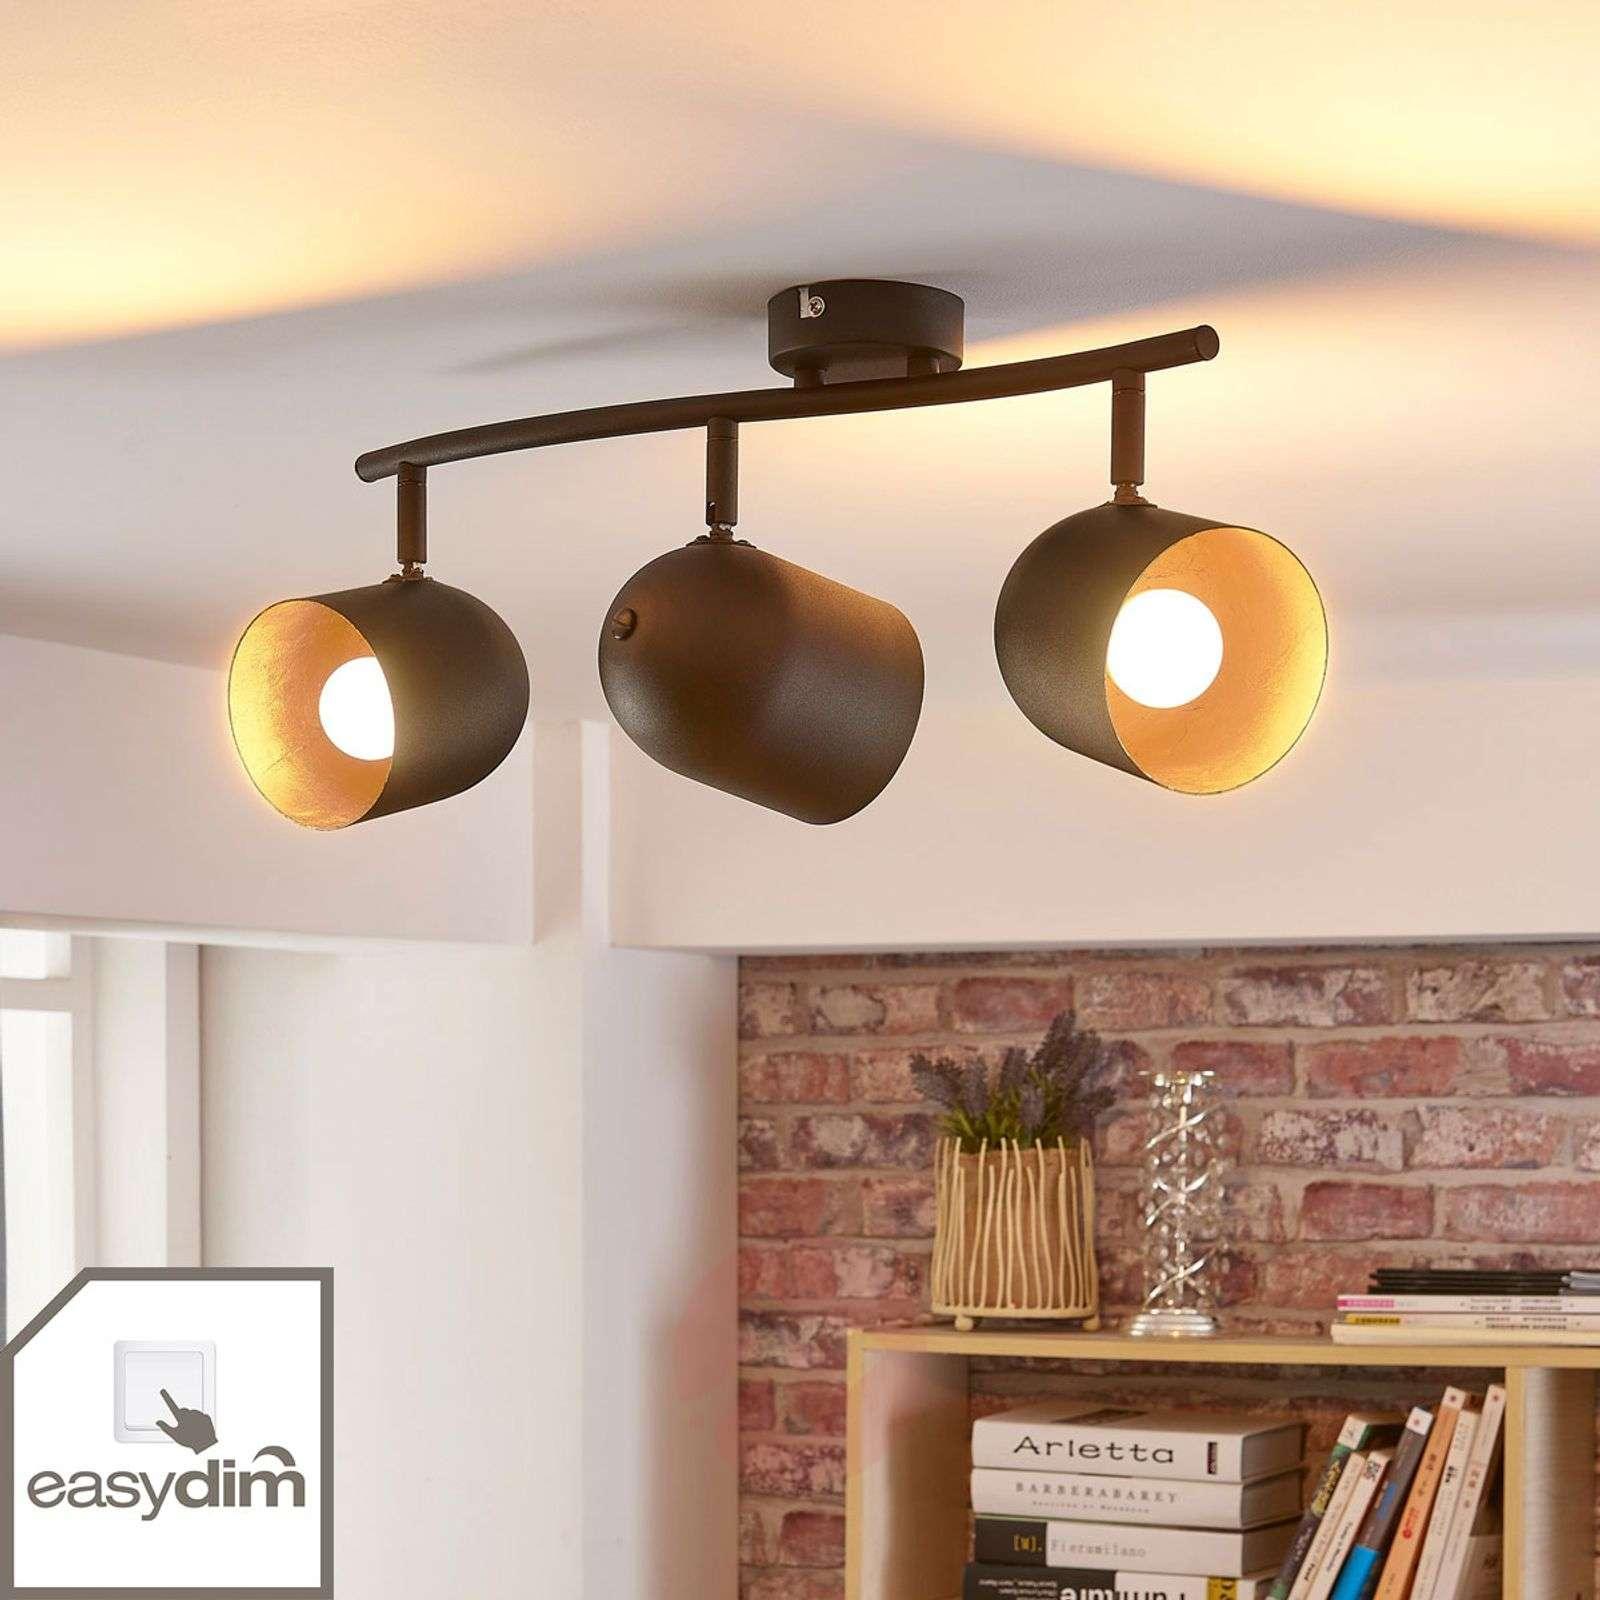 Morik 3-bulb ceiling spotlight, Easydim LEDs-9621240-02